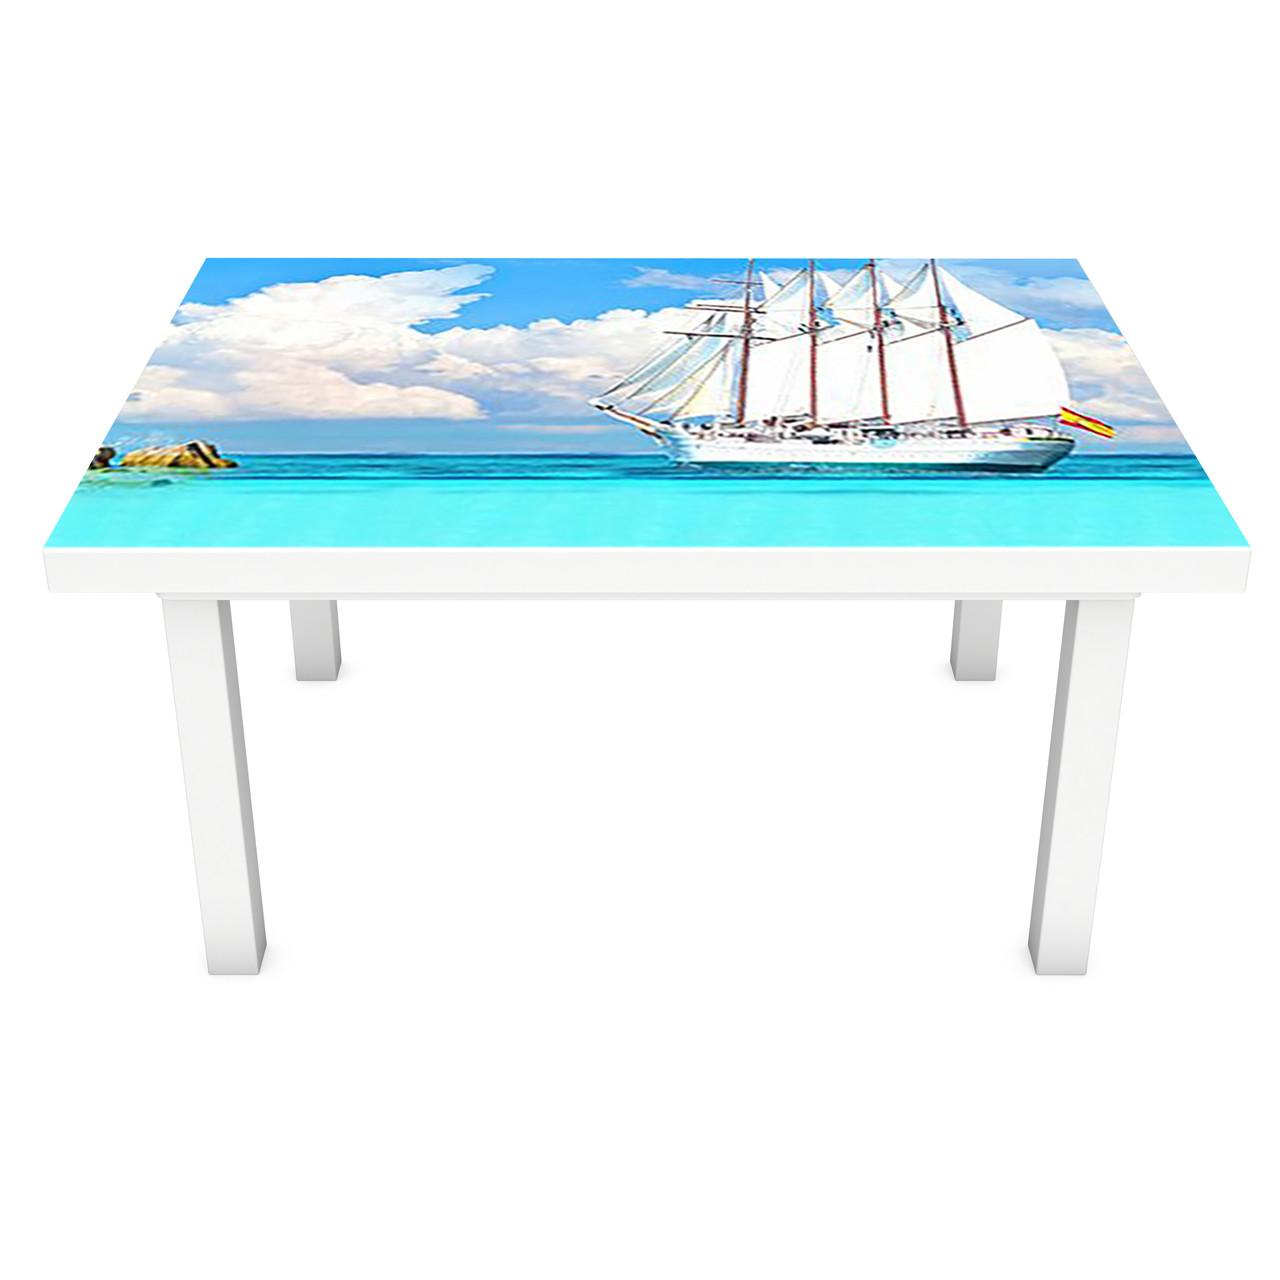 Наклейка на стол Парусник лазурный берег (3Д виниловая пленка ПВХ) остров Море Голубой 600*1200 мм